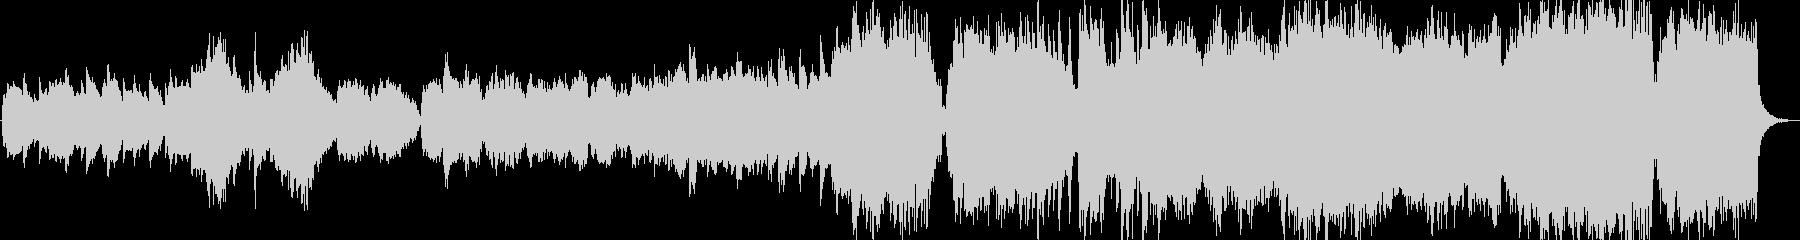 暖かなオーケストラ曲の未再生の波形